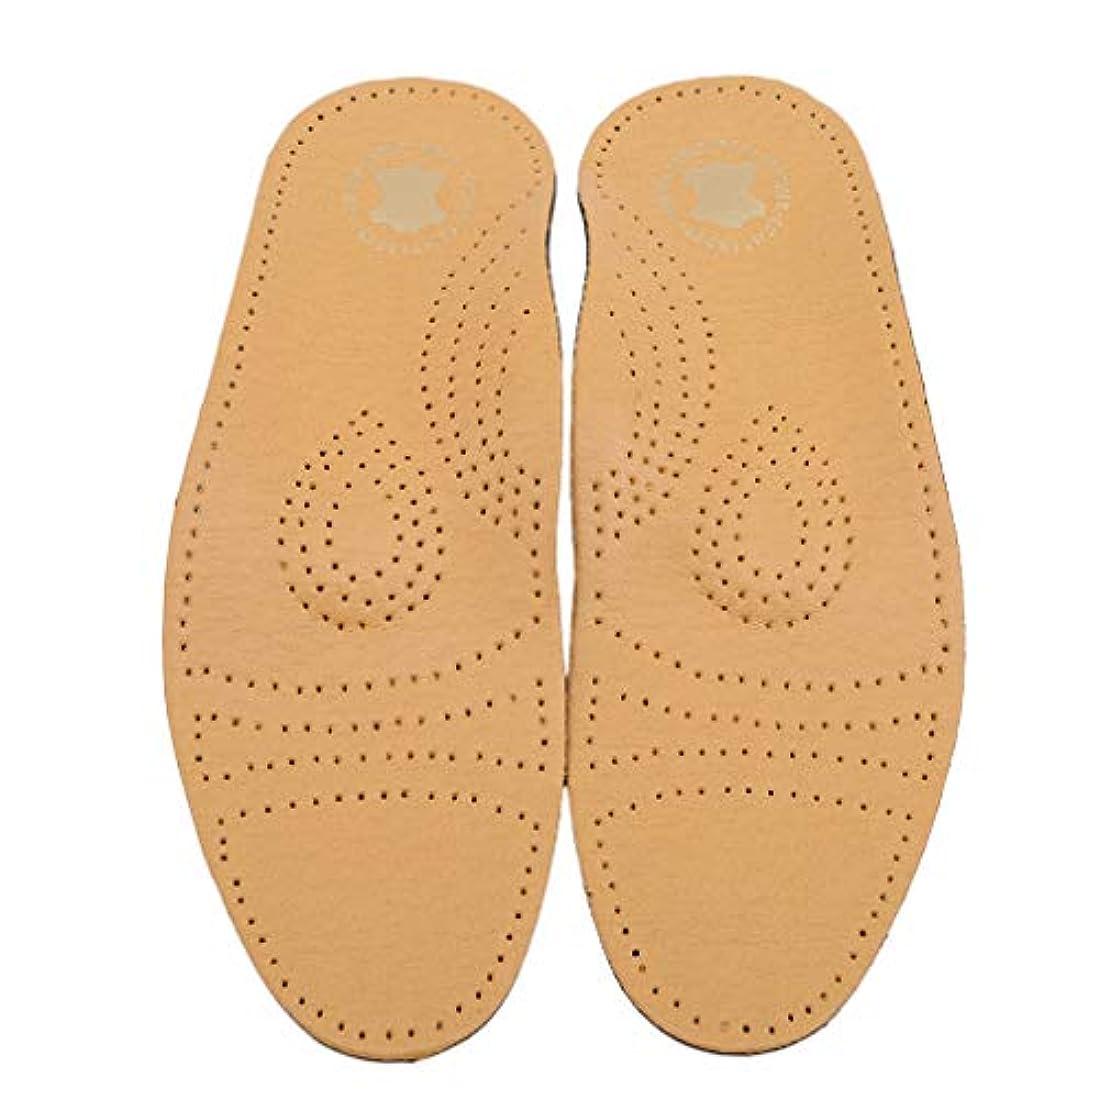 ウェイター国籍債務Cngstar 活性炭模造レザーアーチフルパッド イミテーションレザーインソール 靴アクセサリー (サイズ1)